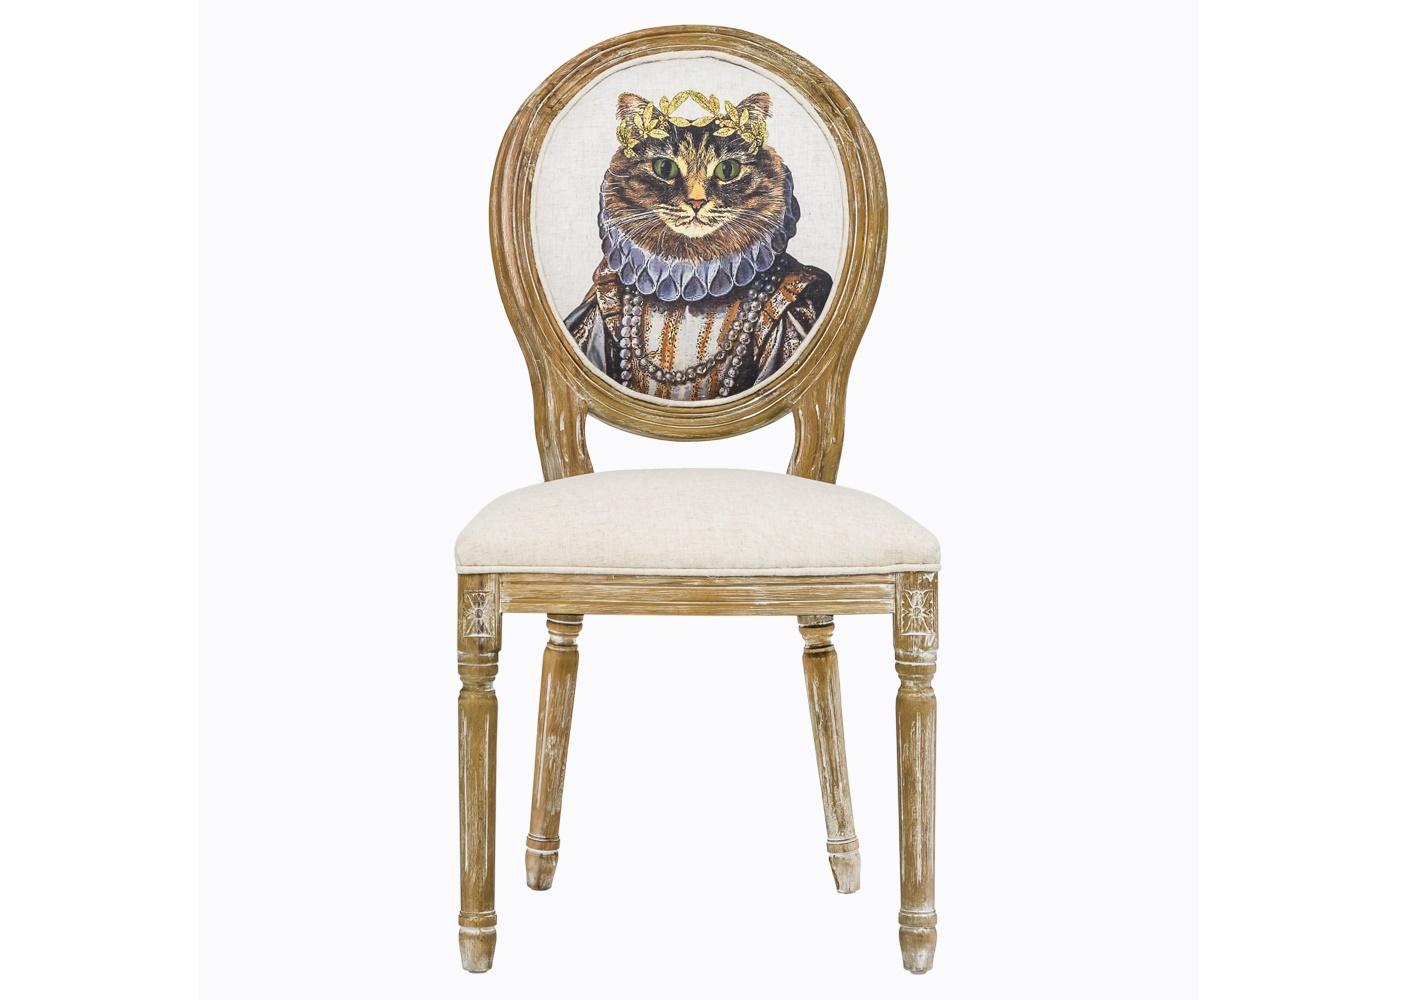 Стул «Мисс Кошка Лайт»Обеденные стулья<br>Винтажный стул в остромодном стиле шебби-шик – свежий взгляд на «ретро». Он превосходно впишется в интерьер в духе Прованса, оживит комнату в стиле модерн, да и классическим «английским» апартаментам нотку радости придаст. Качественная натуральная древесина, из которой выточен каркас, искусственно состарена, выбелена. А округлую спинку украшает не какой-нибудь стандартный велюр, а портрет знатной дамы. Правда, с ушками торчком и усами, но тем веселее! Вес стула составляет 7 кг.<br><br>Material: Текстиль